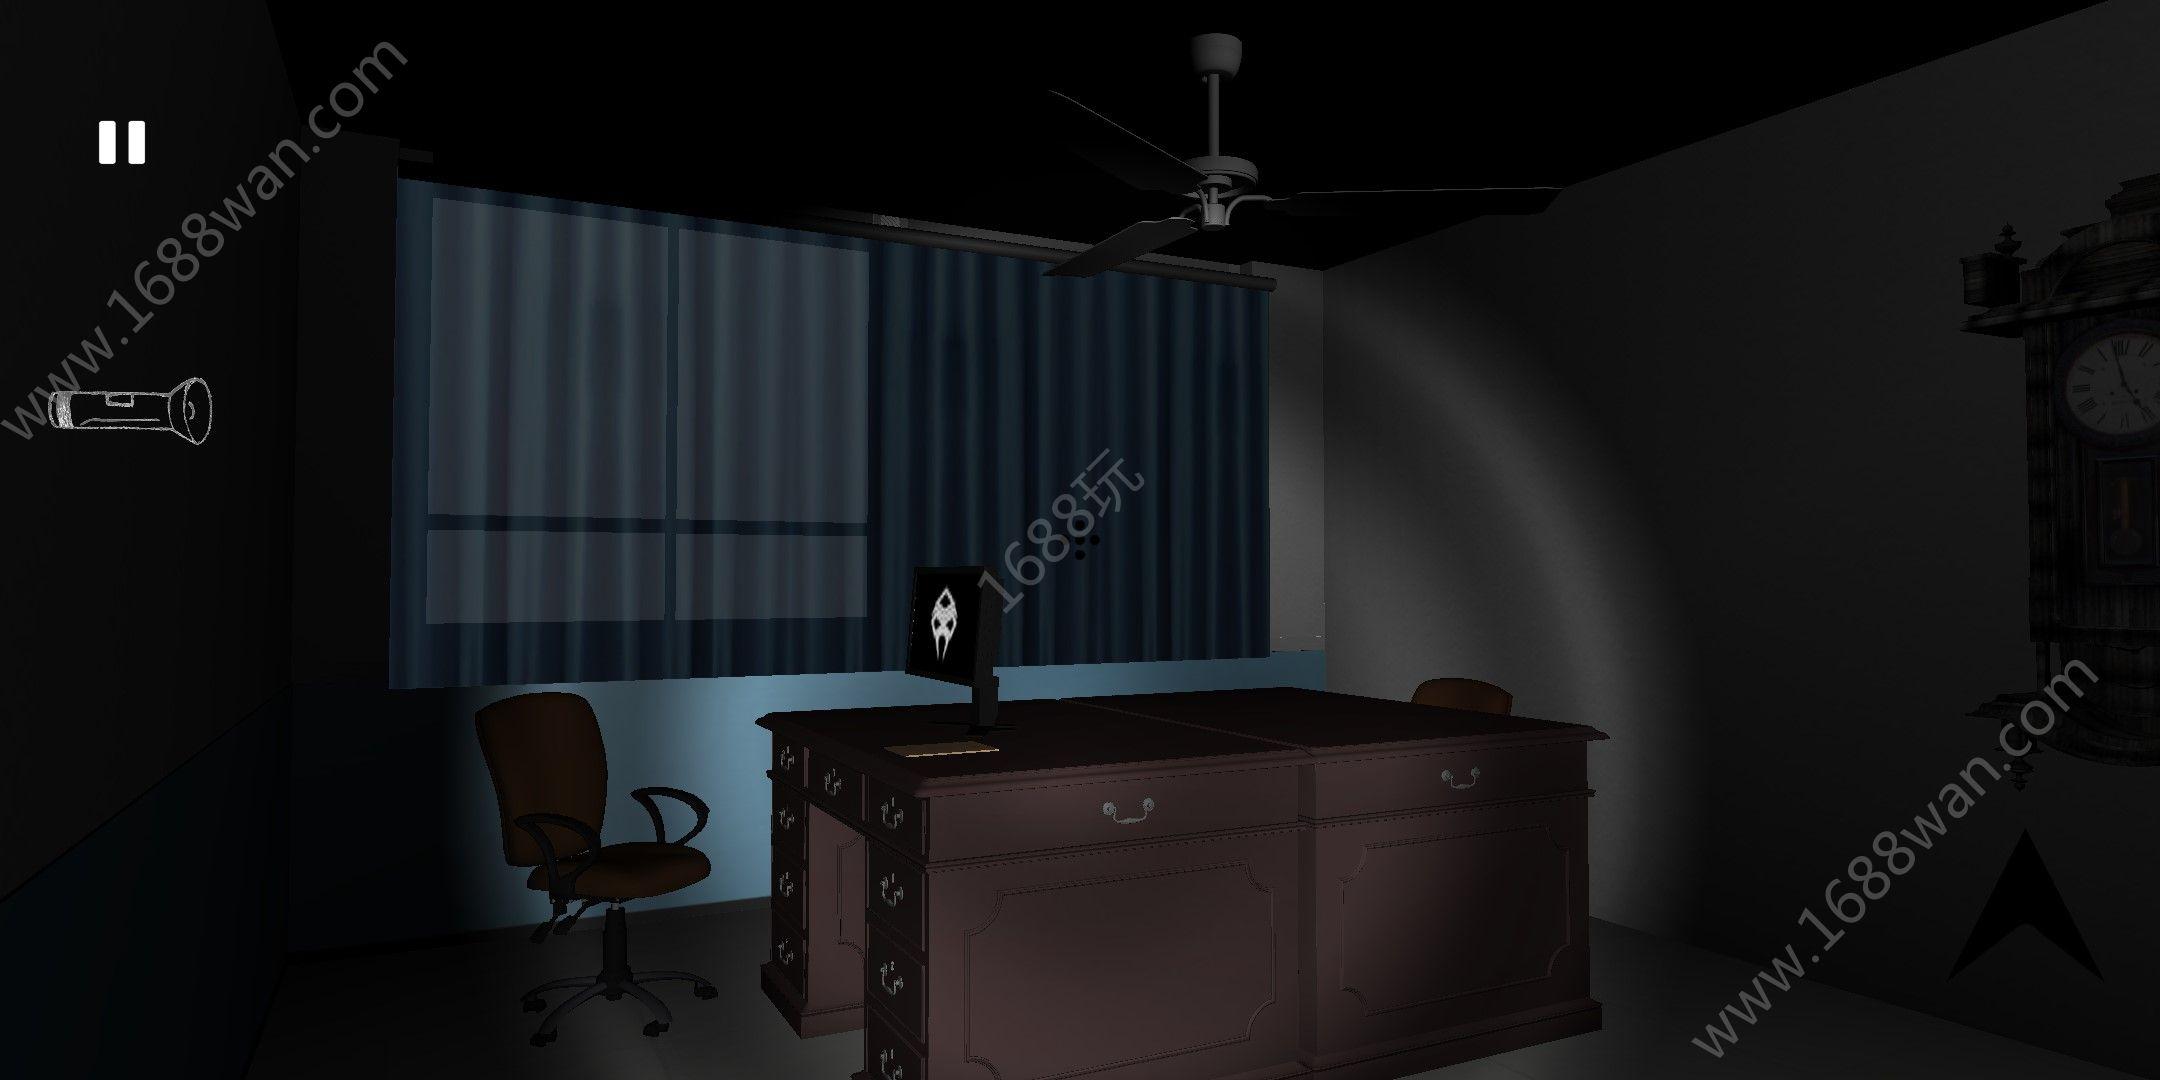 藏匿者游戏安卓版图片1